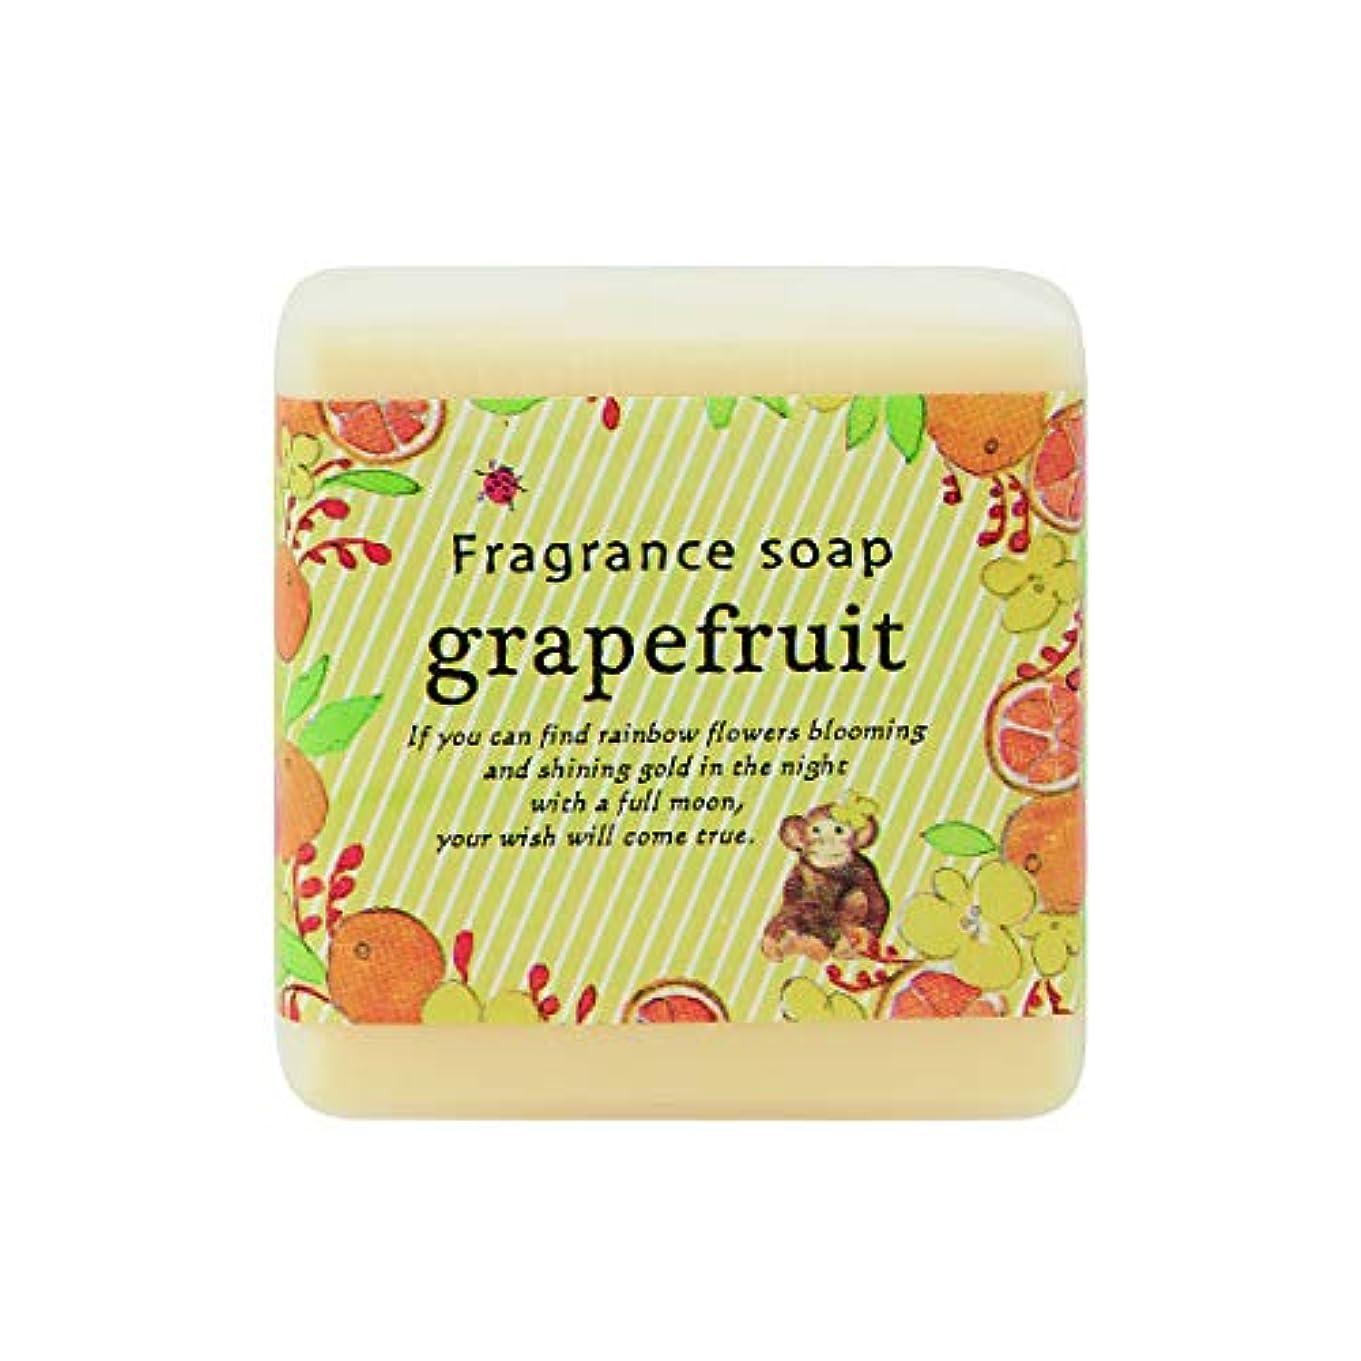 も成果スペインサンハーブ フレグランスソープ40g グレープフルーツ 12個(プチ石けん ゲストソープ シャキっとまぶしい柑橘系の香り)